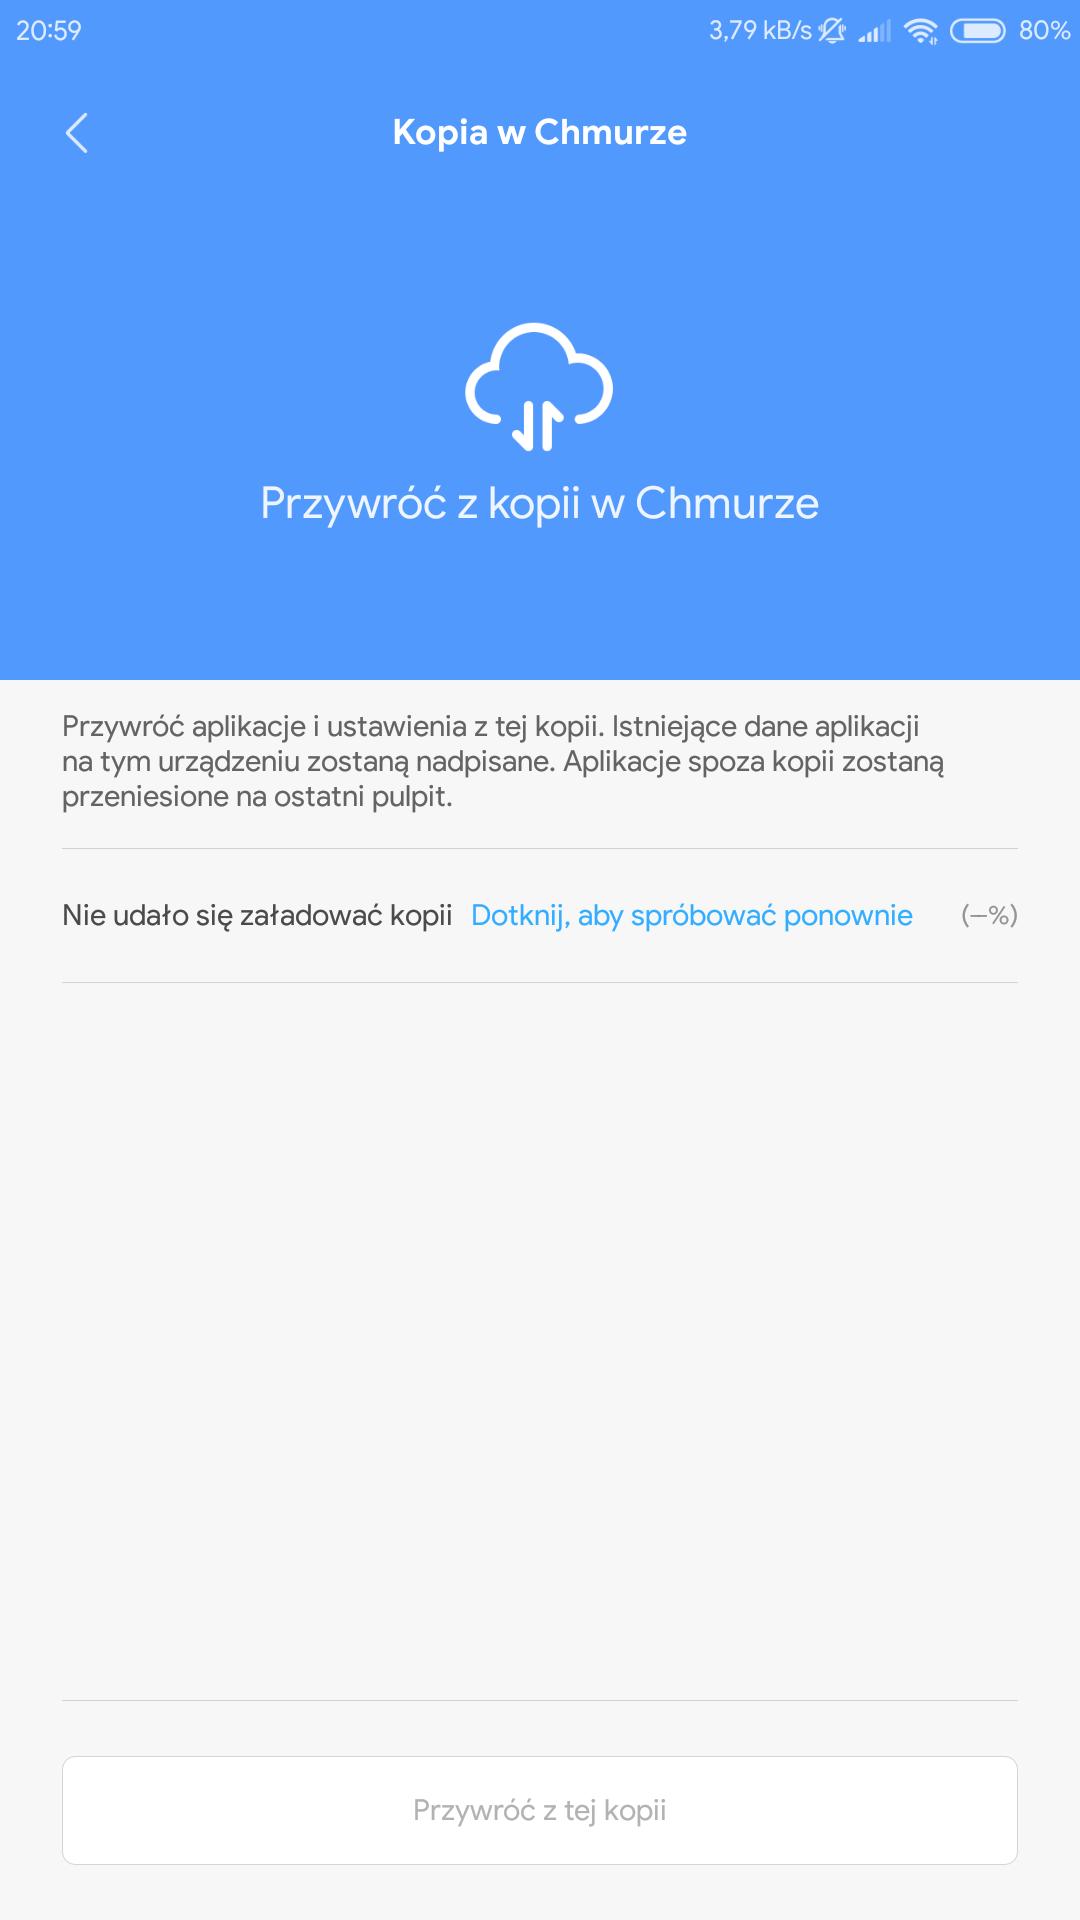 MIUI 10 2 - 8 11 1   Xiaomi European Community